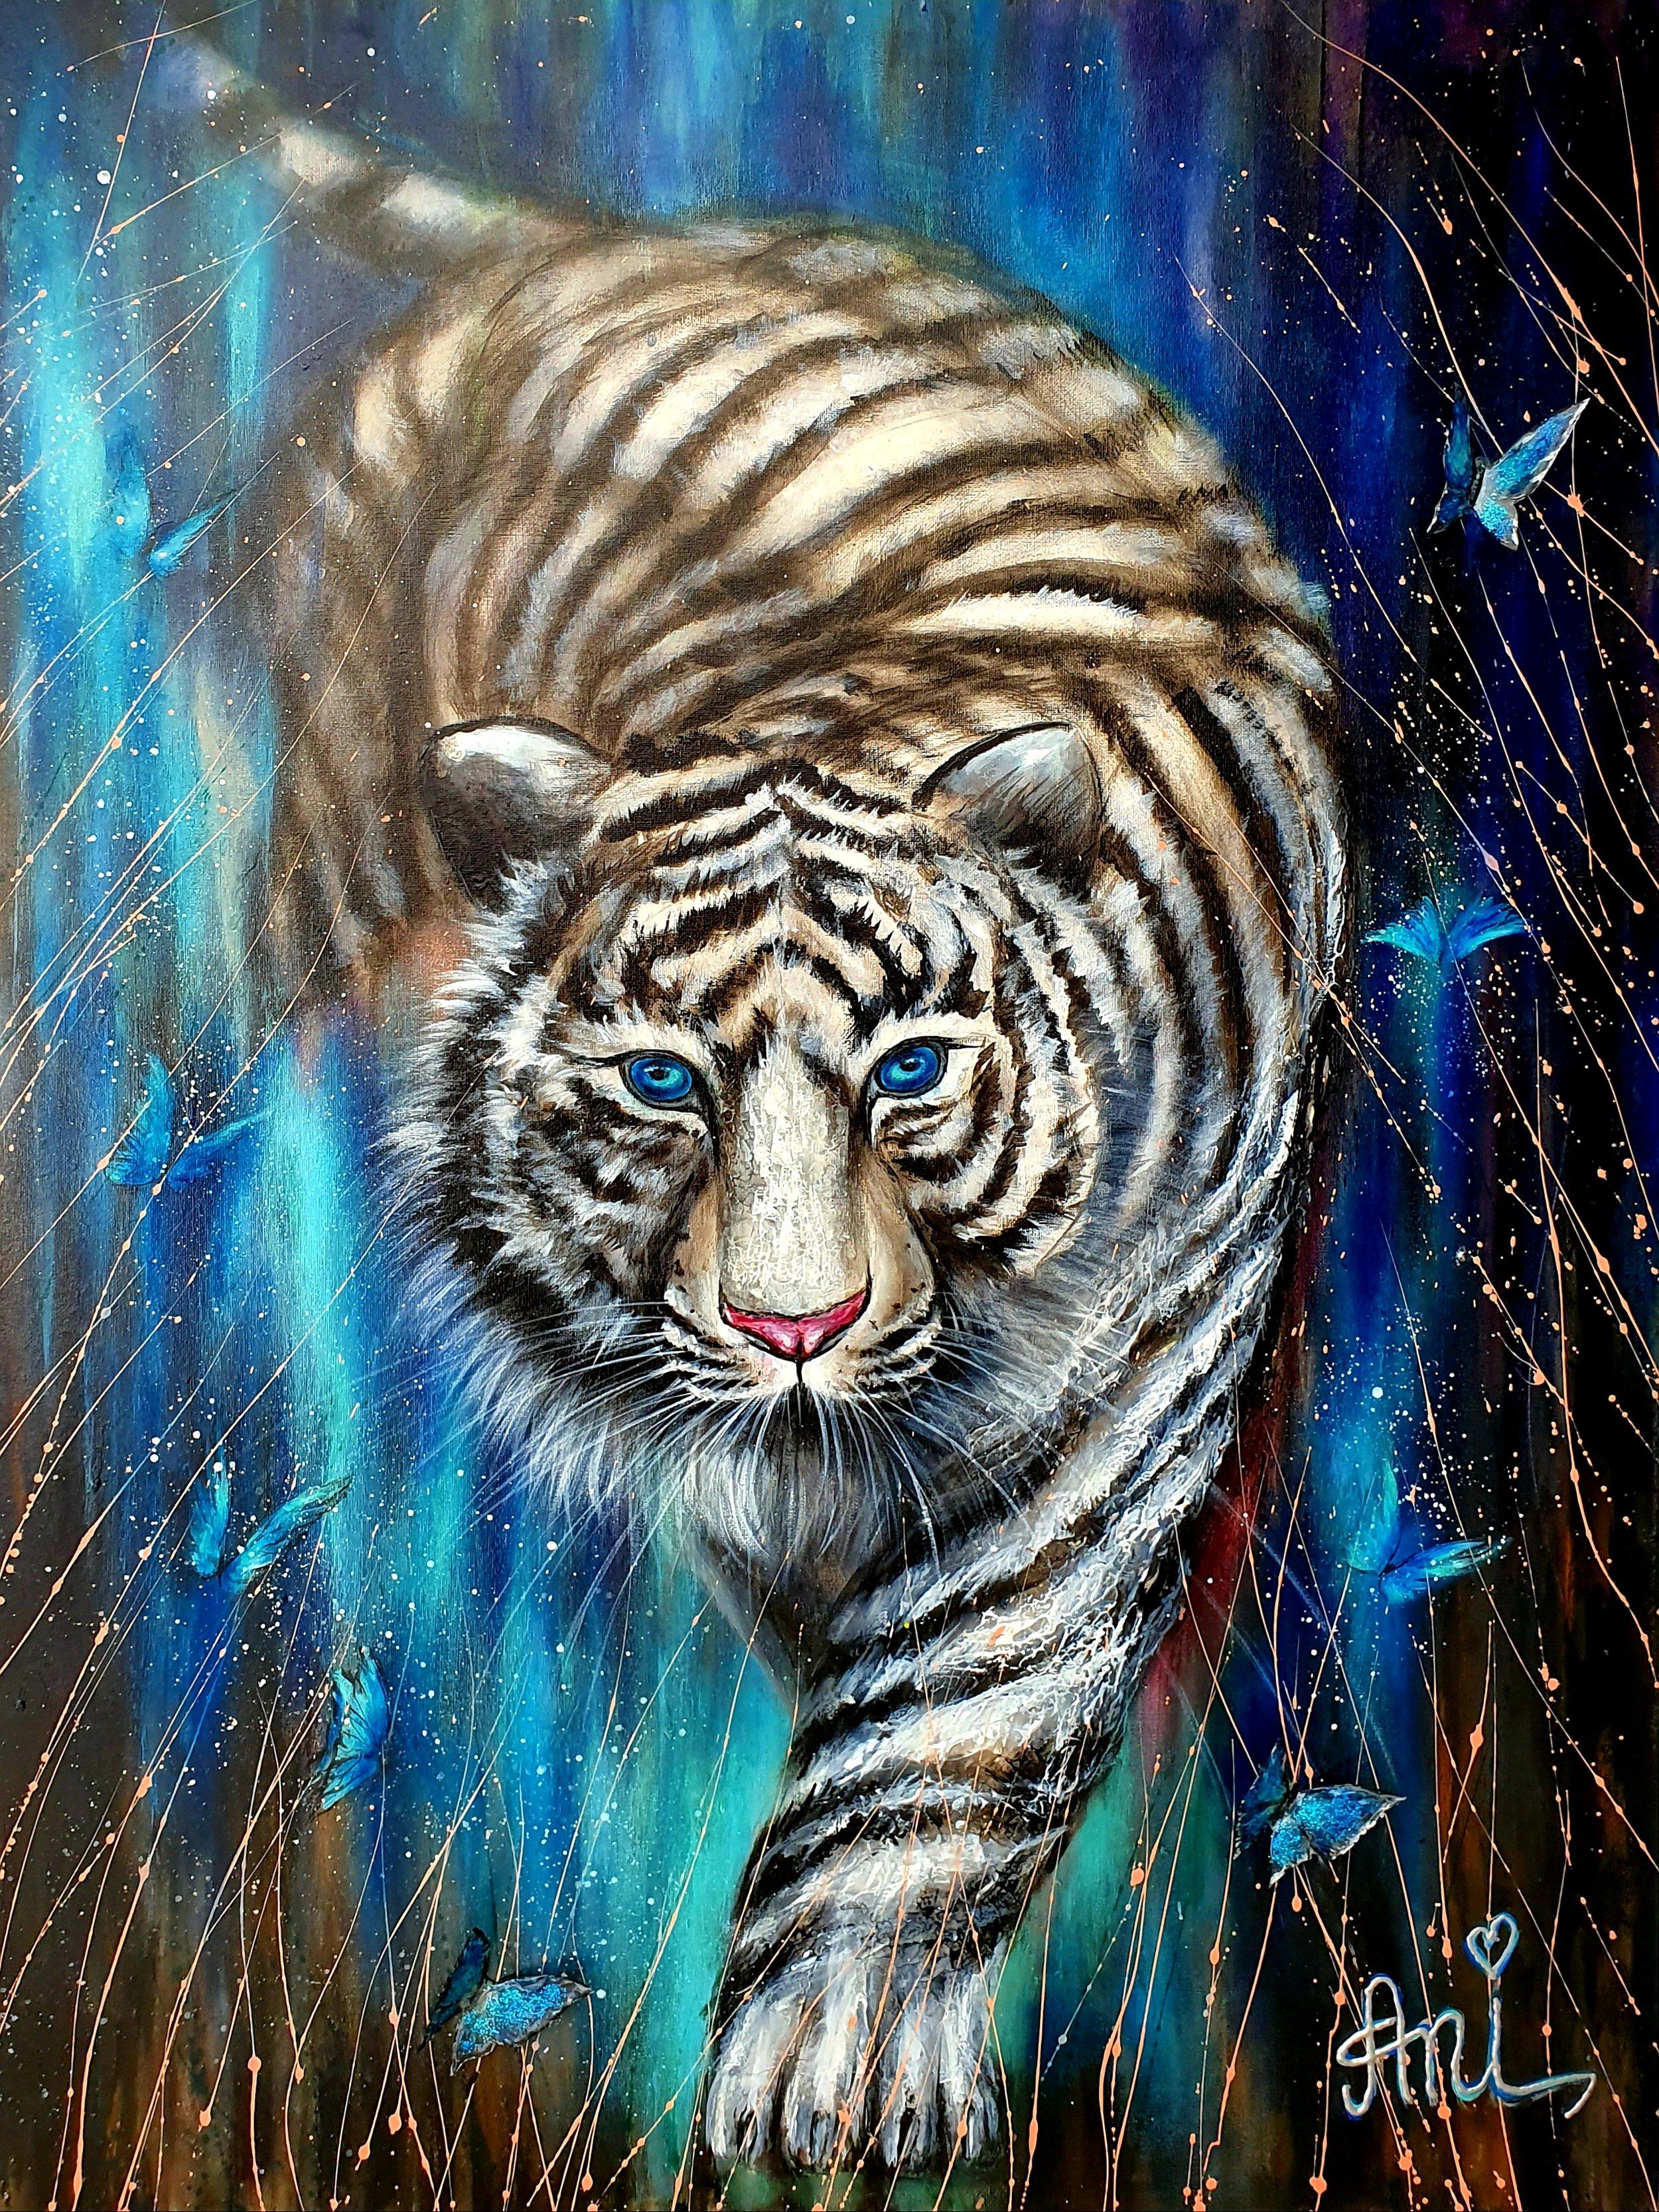 Le tigre romantique:  Peinture acrylique sur toile 3D, 100cm x 75cm  Prix: 1100€ + frais de livraison